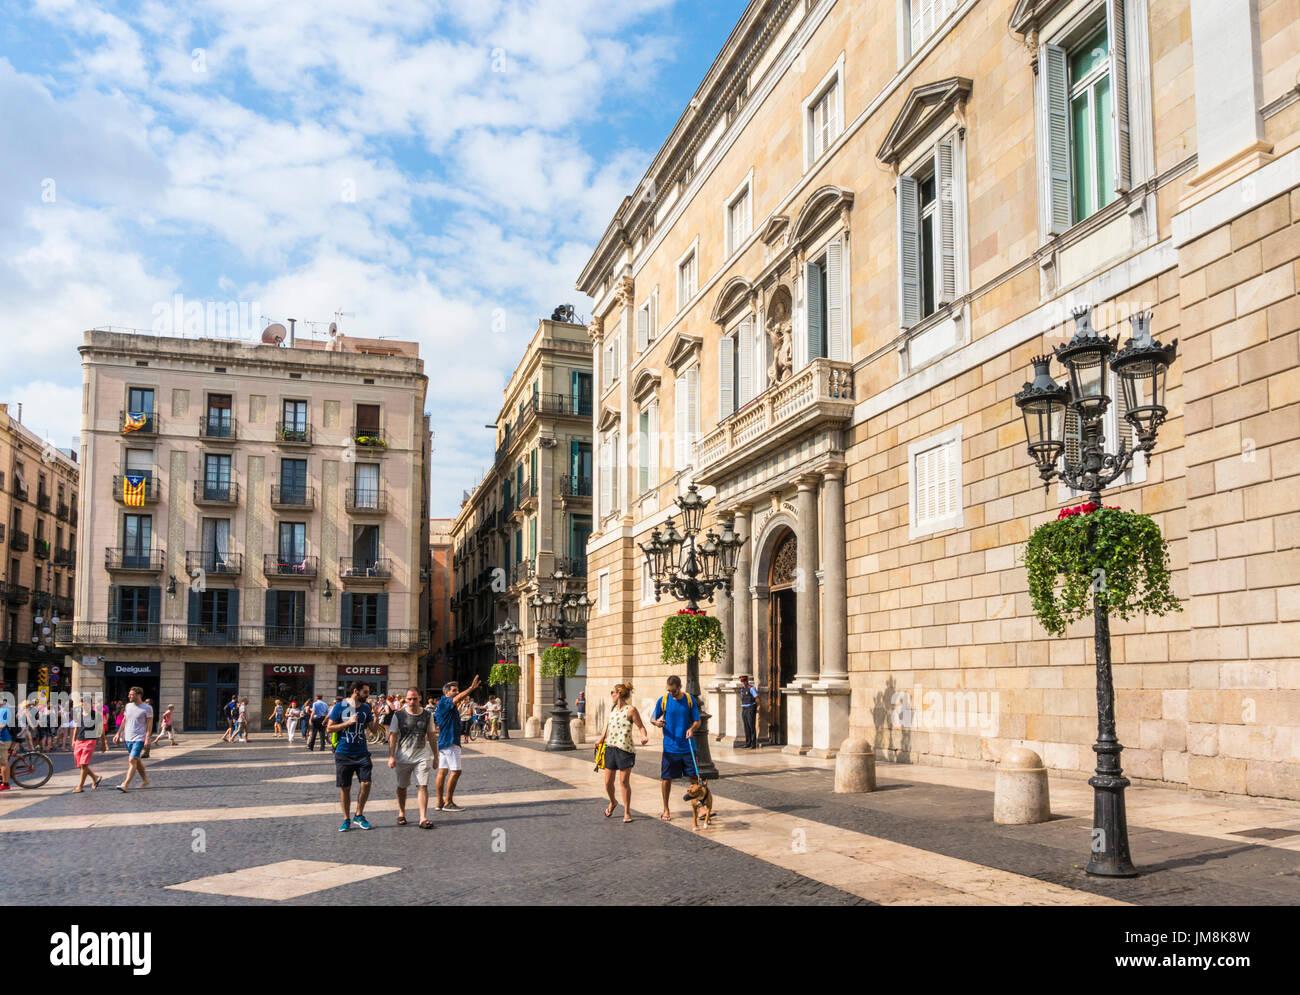 barcelona spain catalunya catalonia Palau de la Generalitat de Catalunya Plaça de Sant Jaume Placa de sant jaume Ciutat Vella Barcelona spain eu - Stock Image